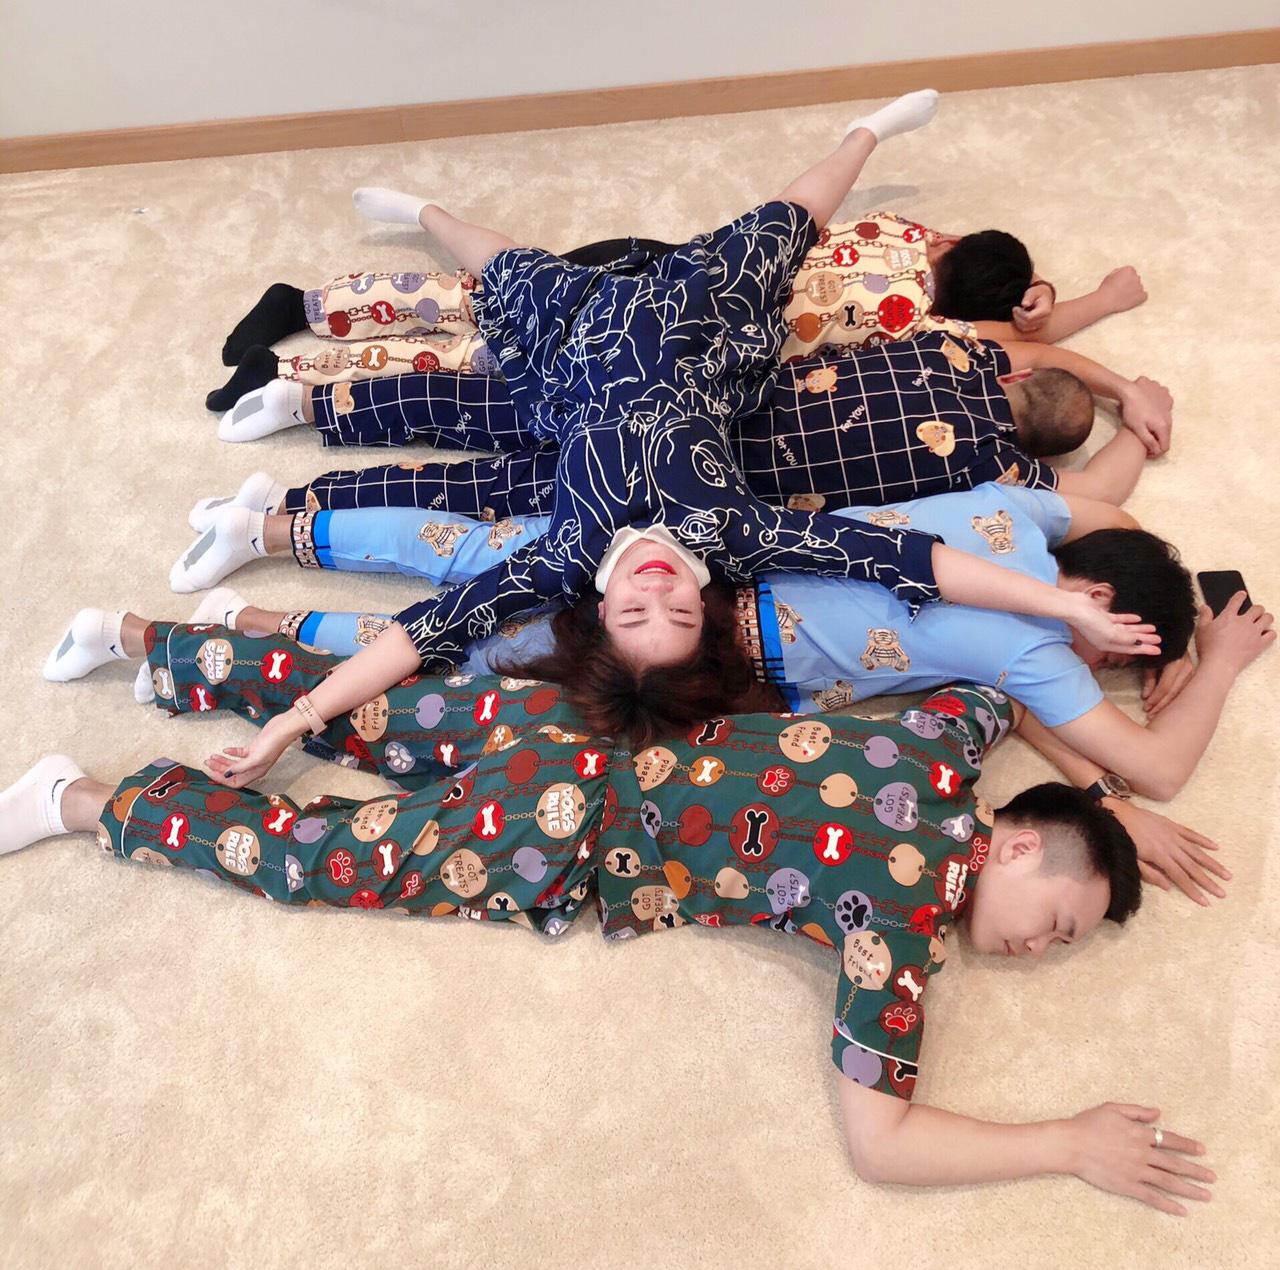 Sếp mặc pijamas sang công ty đối tác, lại xúi cả nhân viên mặc đồ ngủ đi làm - Ảnh 6.